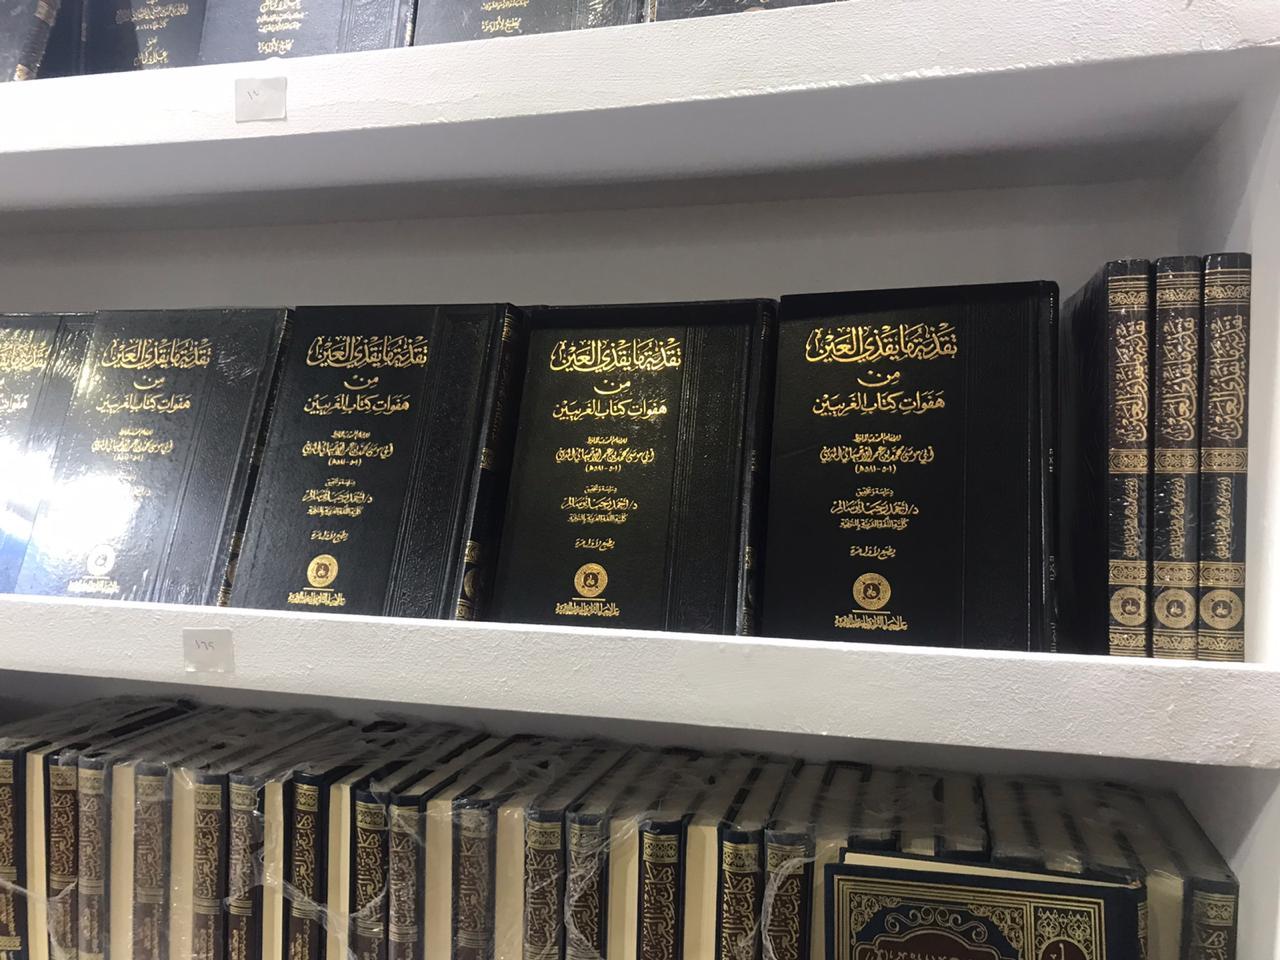 نماذج من الكتب الدينية (1)